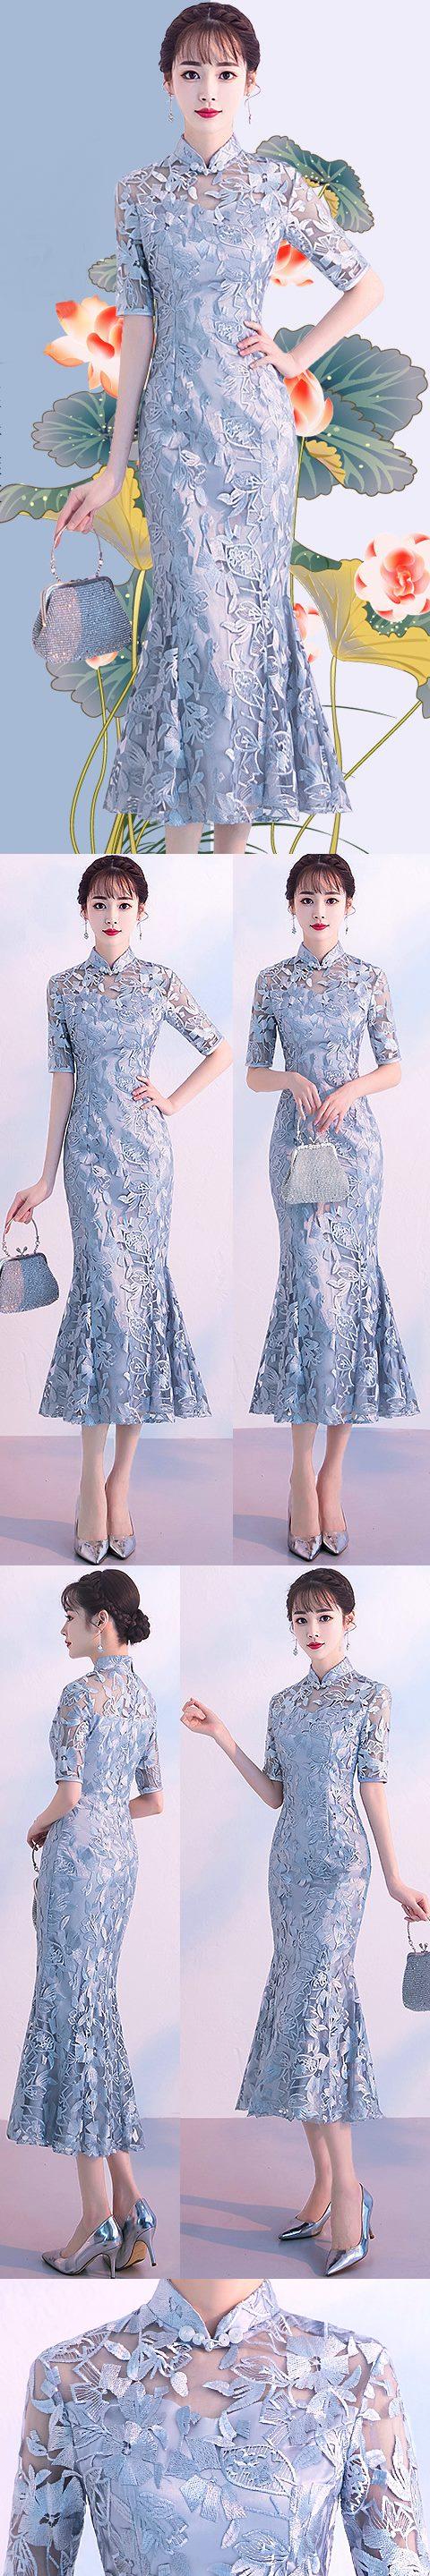 Fishtail Gorgeous Embroidery Gauze Cheongsam (RM)